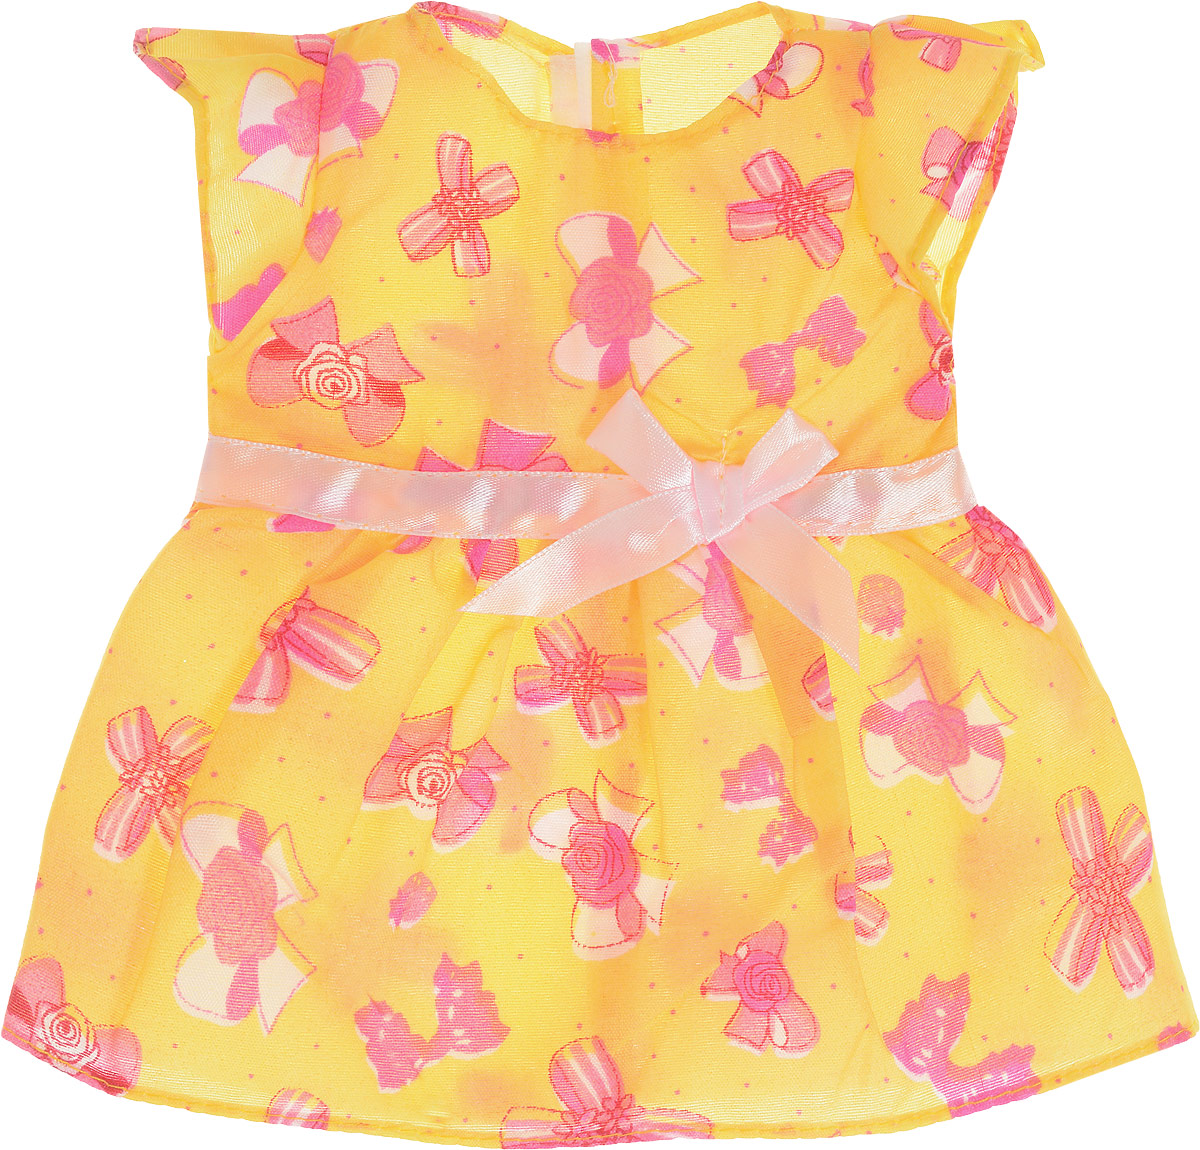 Junfa Toys Одежда для кукол Платье цвет желтый